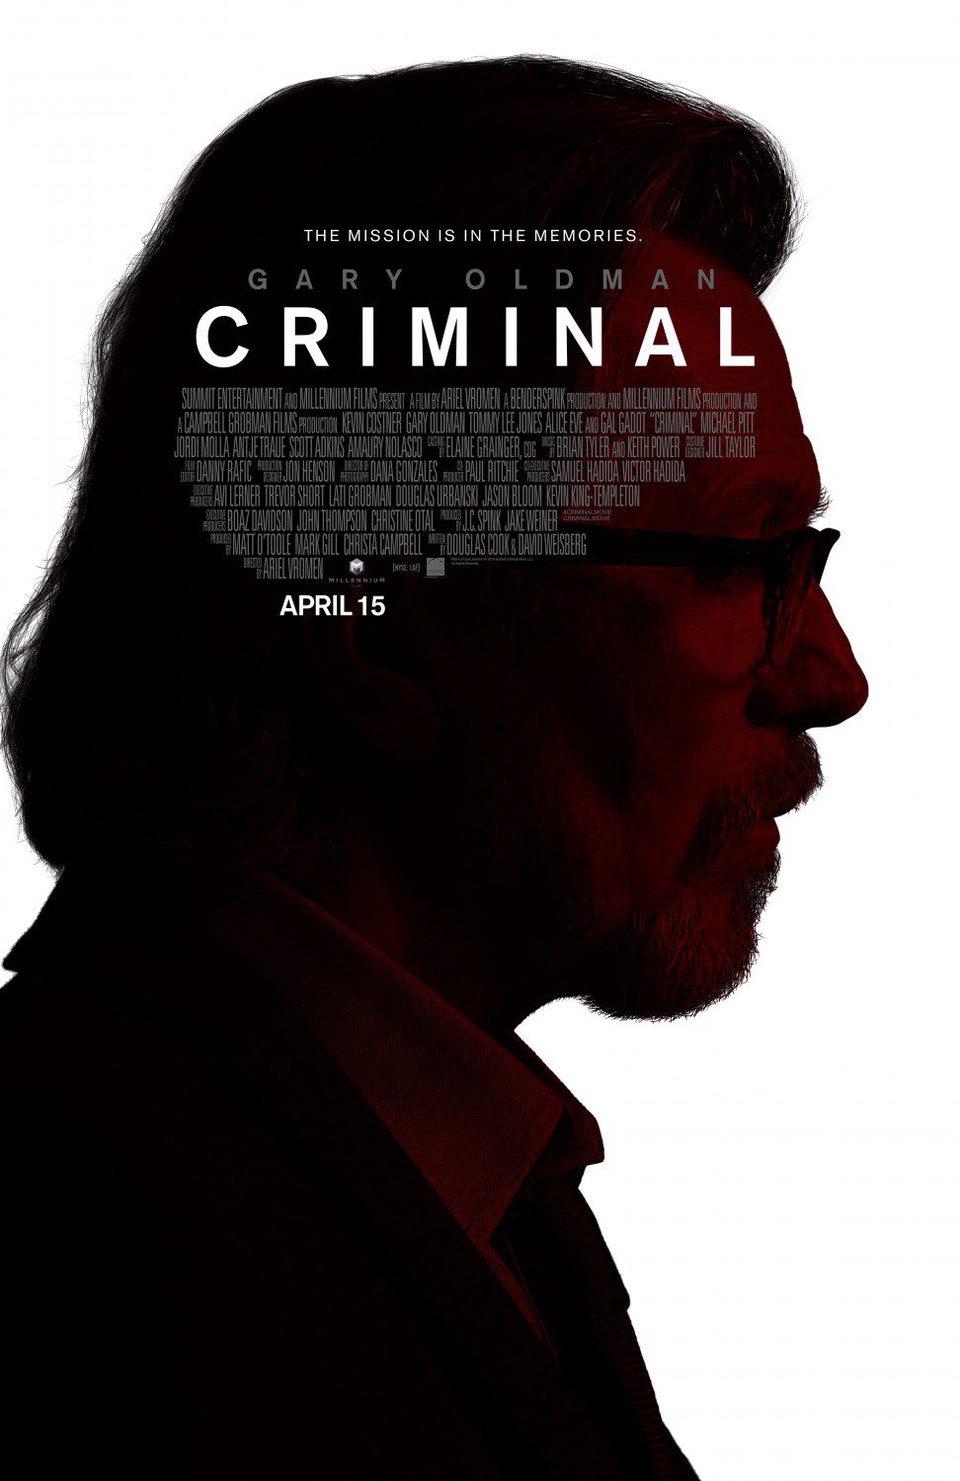 Gary Oldman poster for Criminal